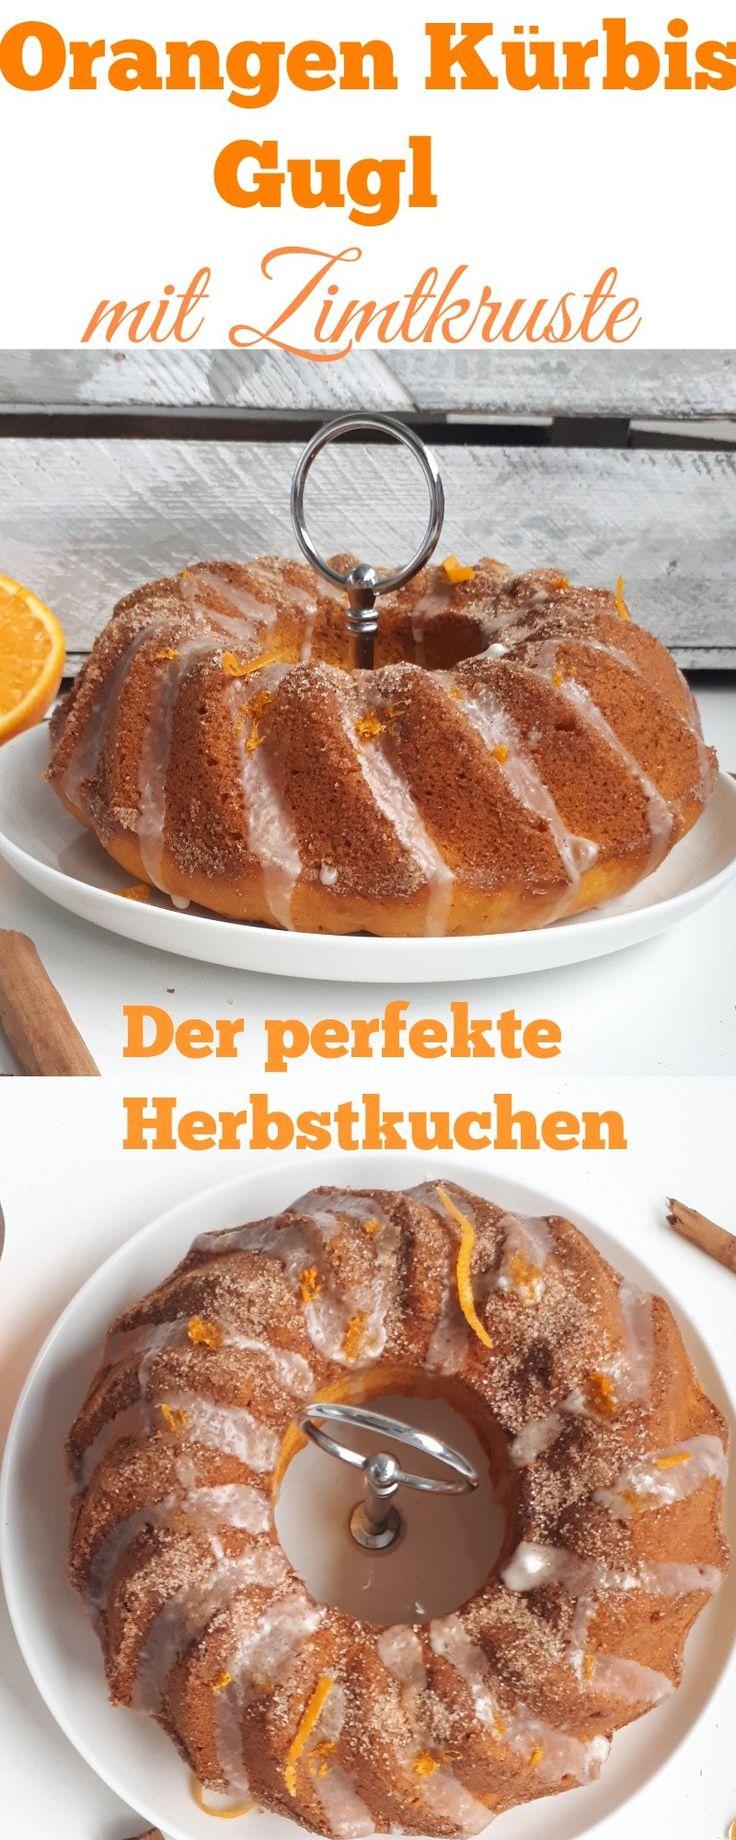 Der perfekte Herbstkuchen! Und er geht recht flott!Ihr braucht  Für 1 Gugl    350 gr Hokkaido Kürbis, Püree  180 gr Zucker, braun  3 Eier  1 Pckg. Vanillinzucker  1 Pckg. Backpulver  125 gr Butter  1/2 Orangen, den Abrieb  2 TL Zimt  50 gr Zucker ,250 gr Mehl, 3 EL Semmelbrösel    Für den Guss  Puderzucker  1/2 Orange, Abrieb und Saft